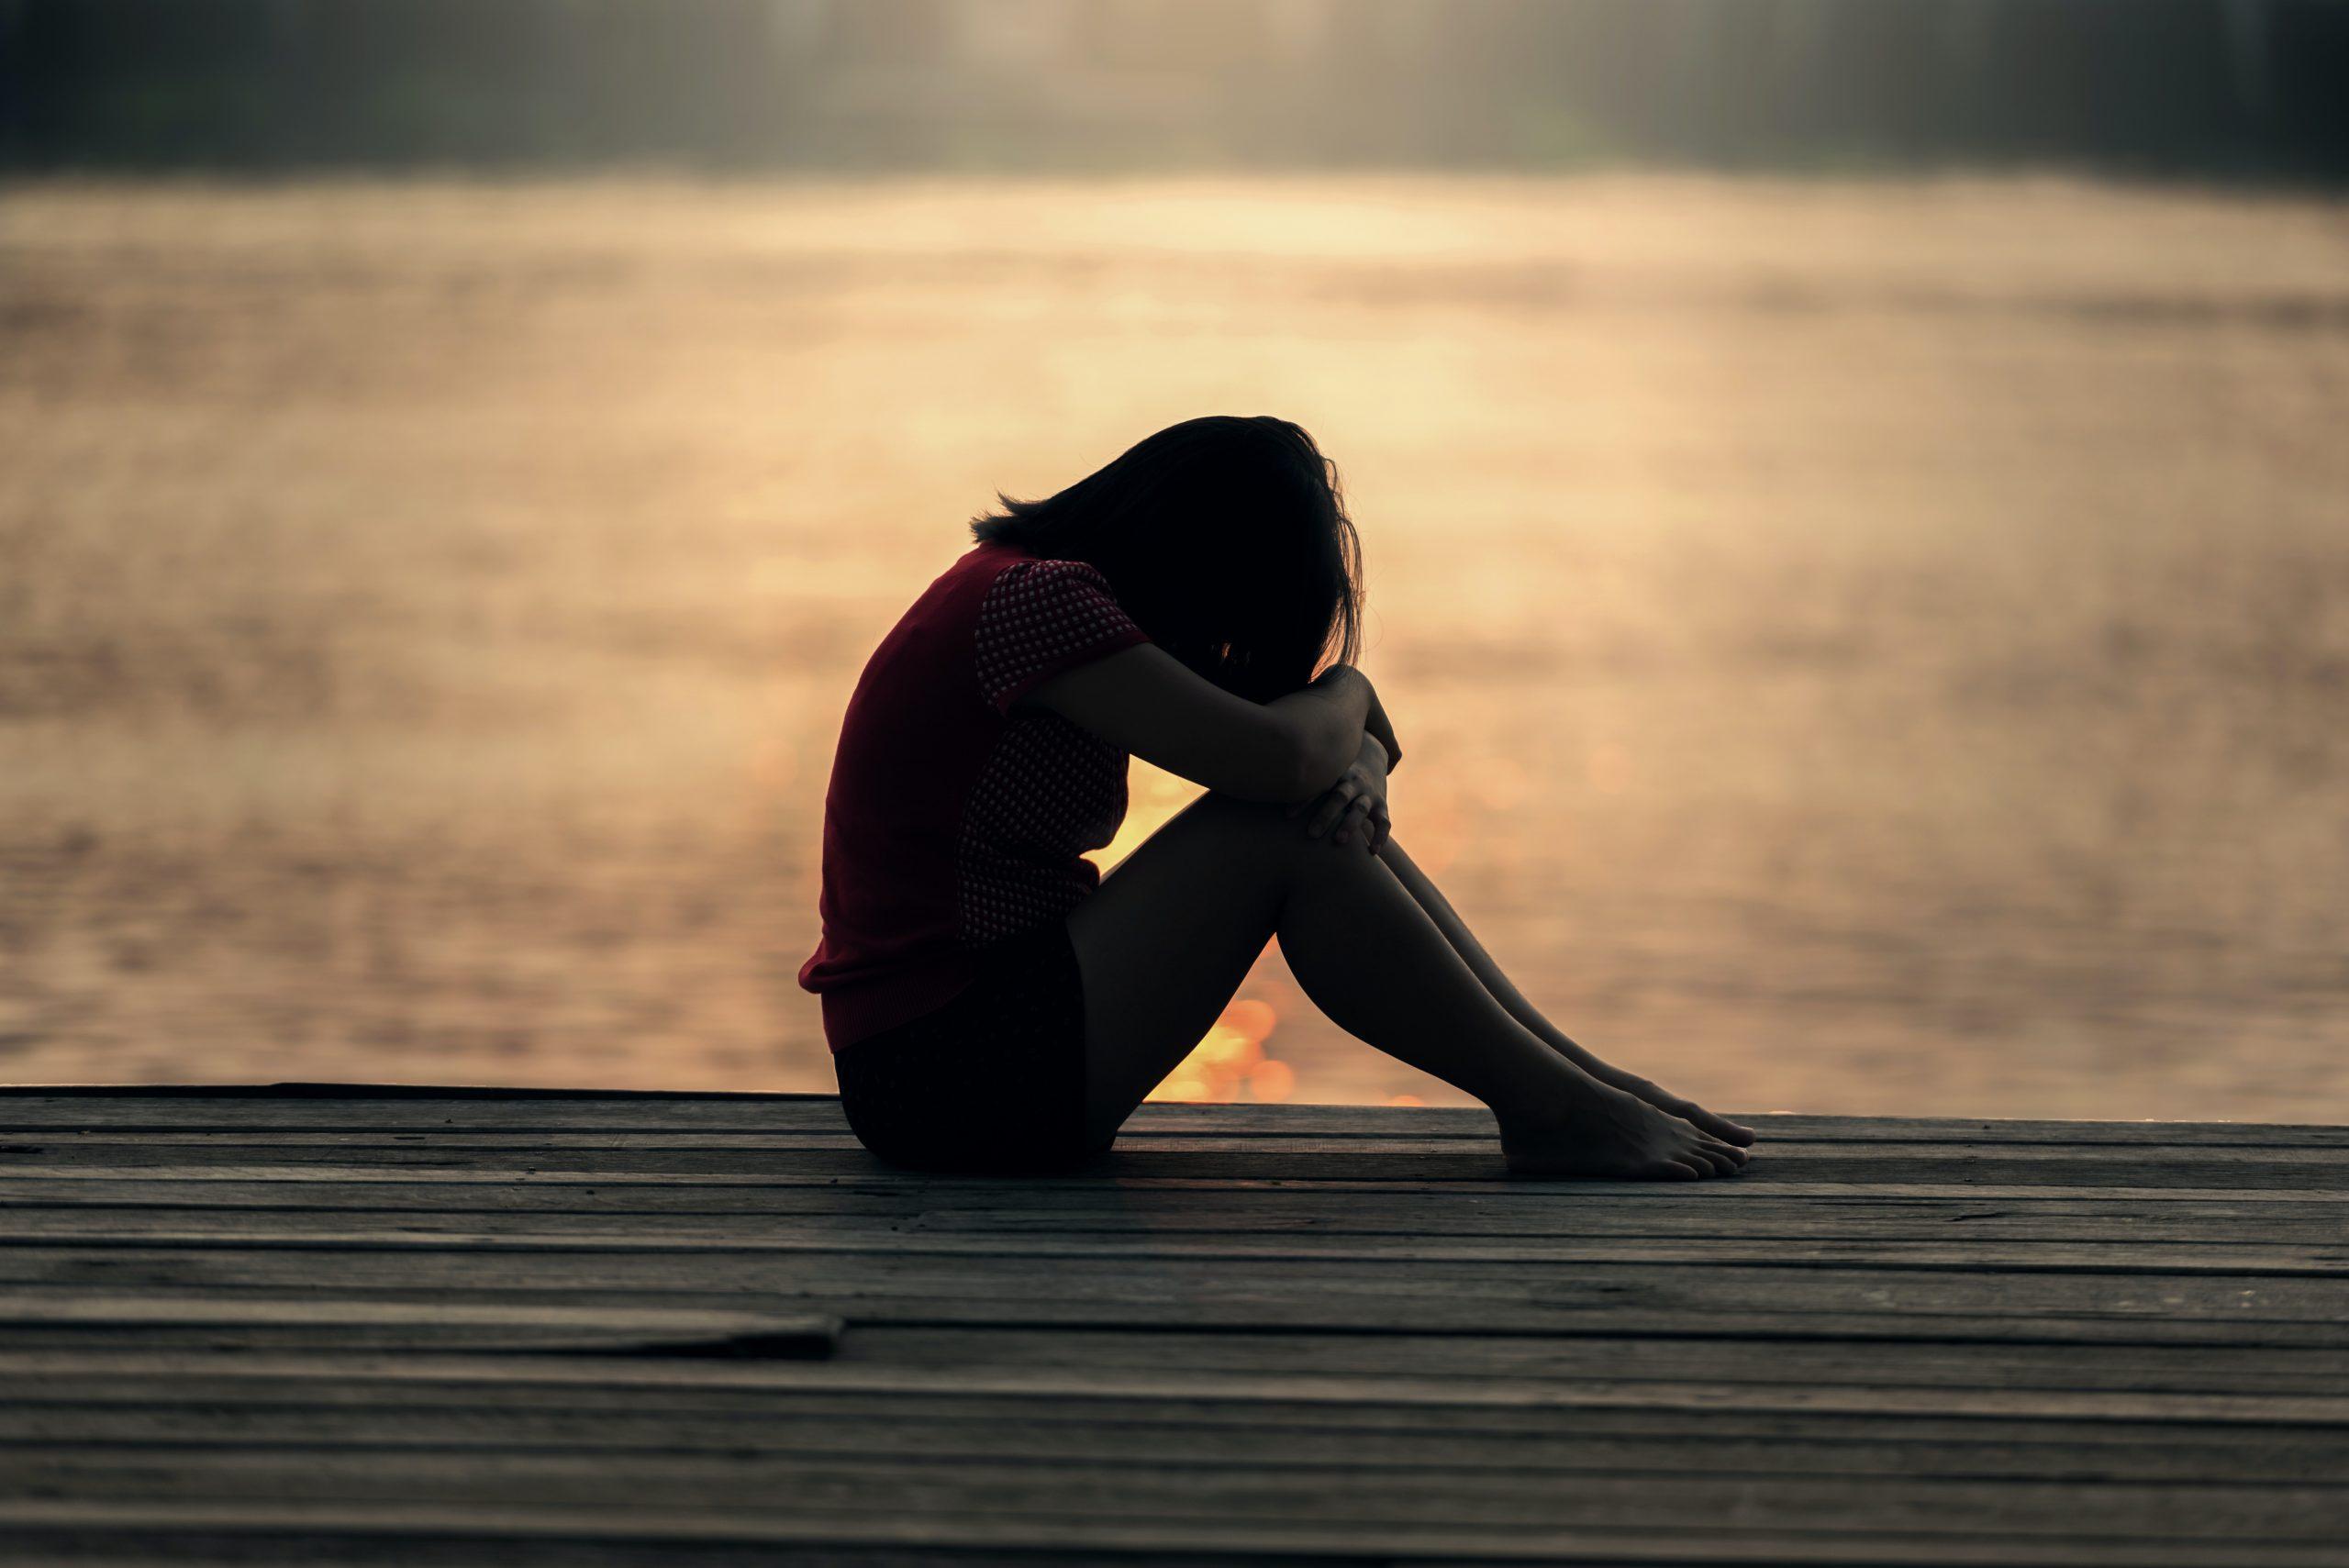 ¿Cómo ayudar a una amiga con depresión?